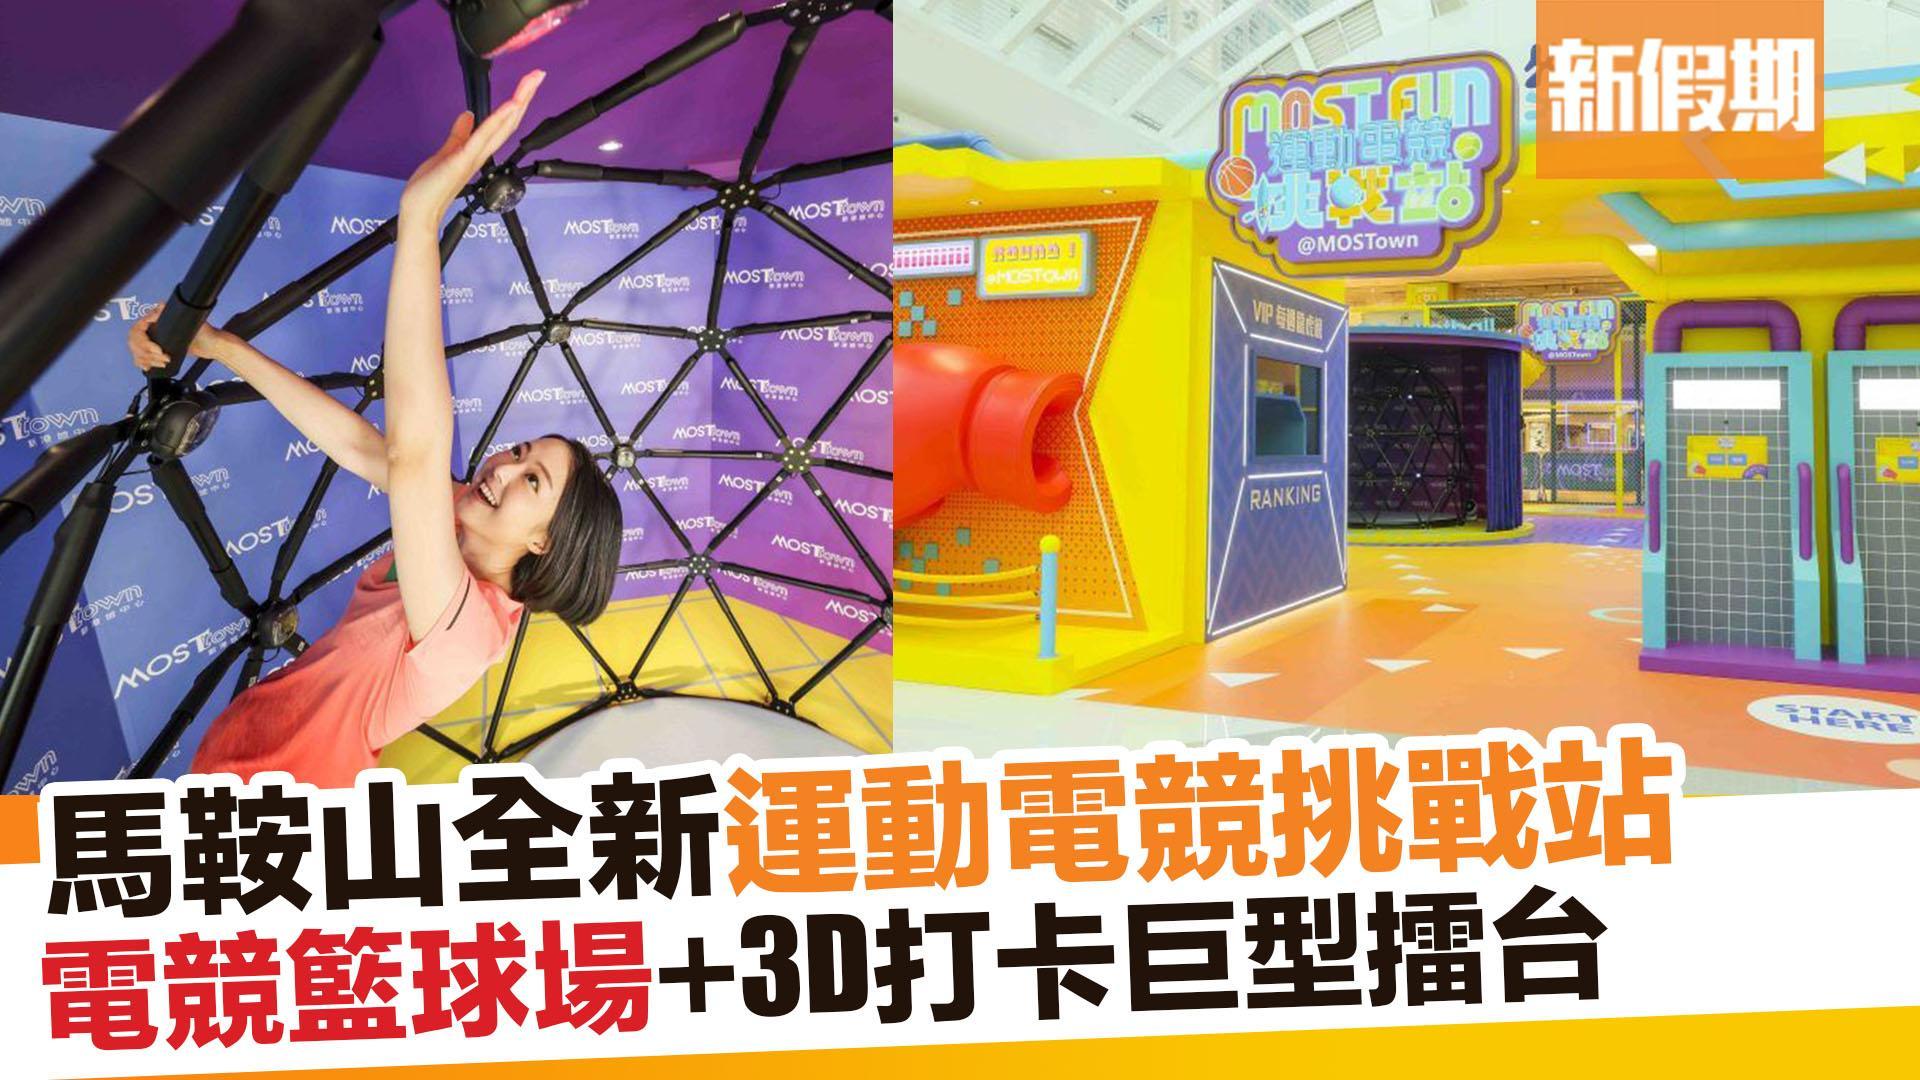 【香港好去處】馬鞍山新港城「MOST FUN 運動電競挑戰站」必玩4款運動電競遊戲+5大巨型3D 打卡位 新假期